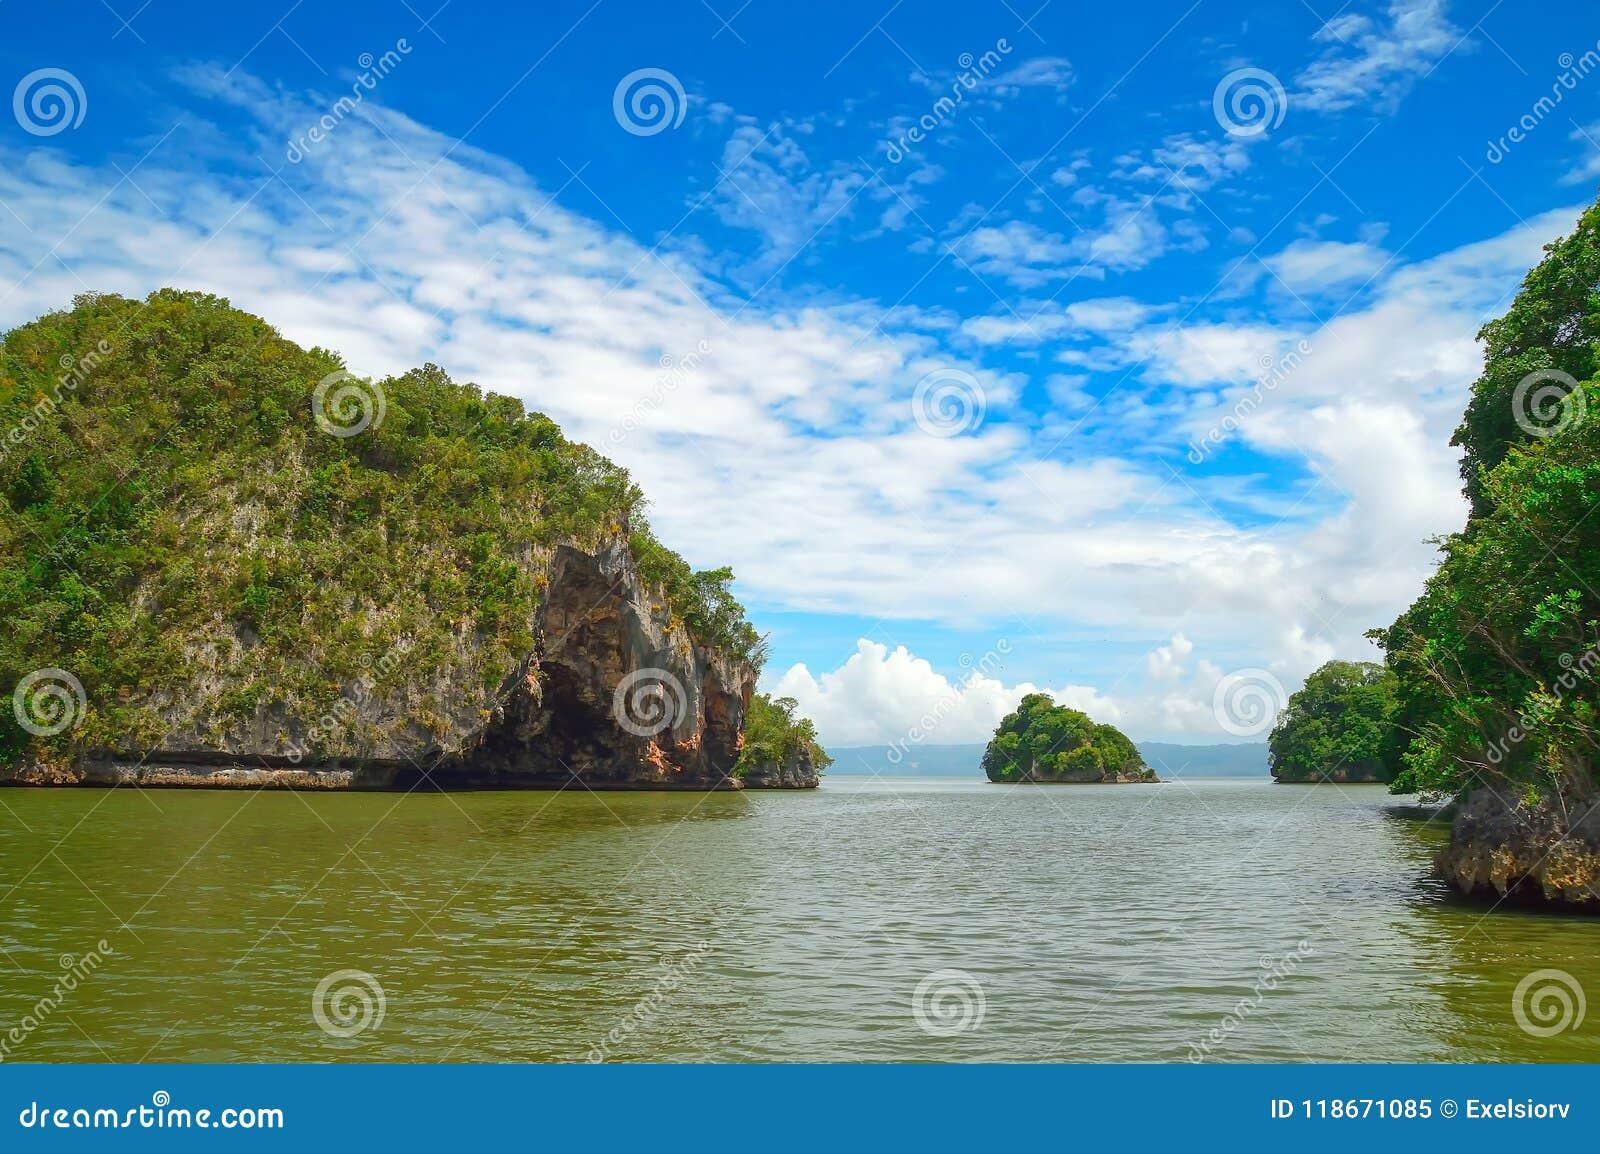 Eiland, rots in de Atlantische Oceaan met groene vegetatie, tegen een achtergrond van de kust op de achtergrond wordt behandeld d